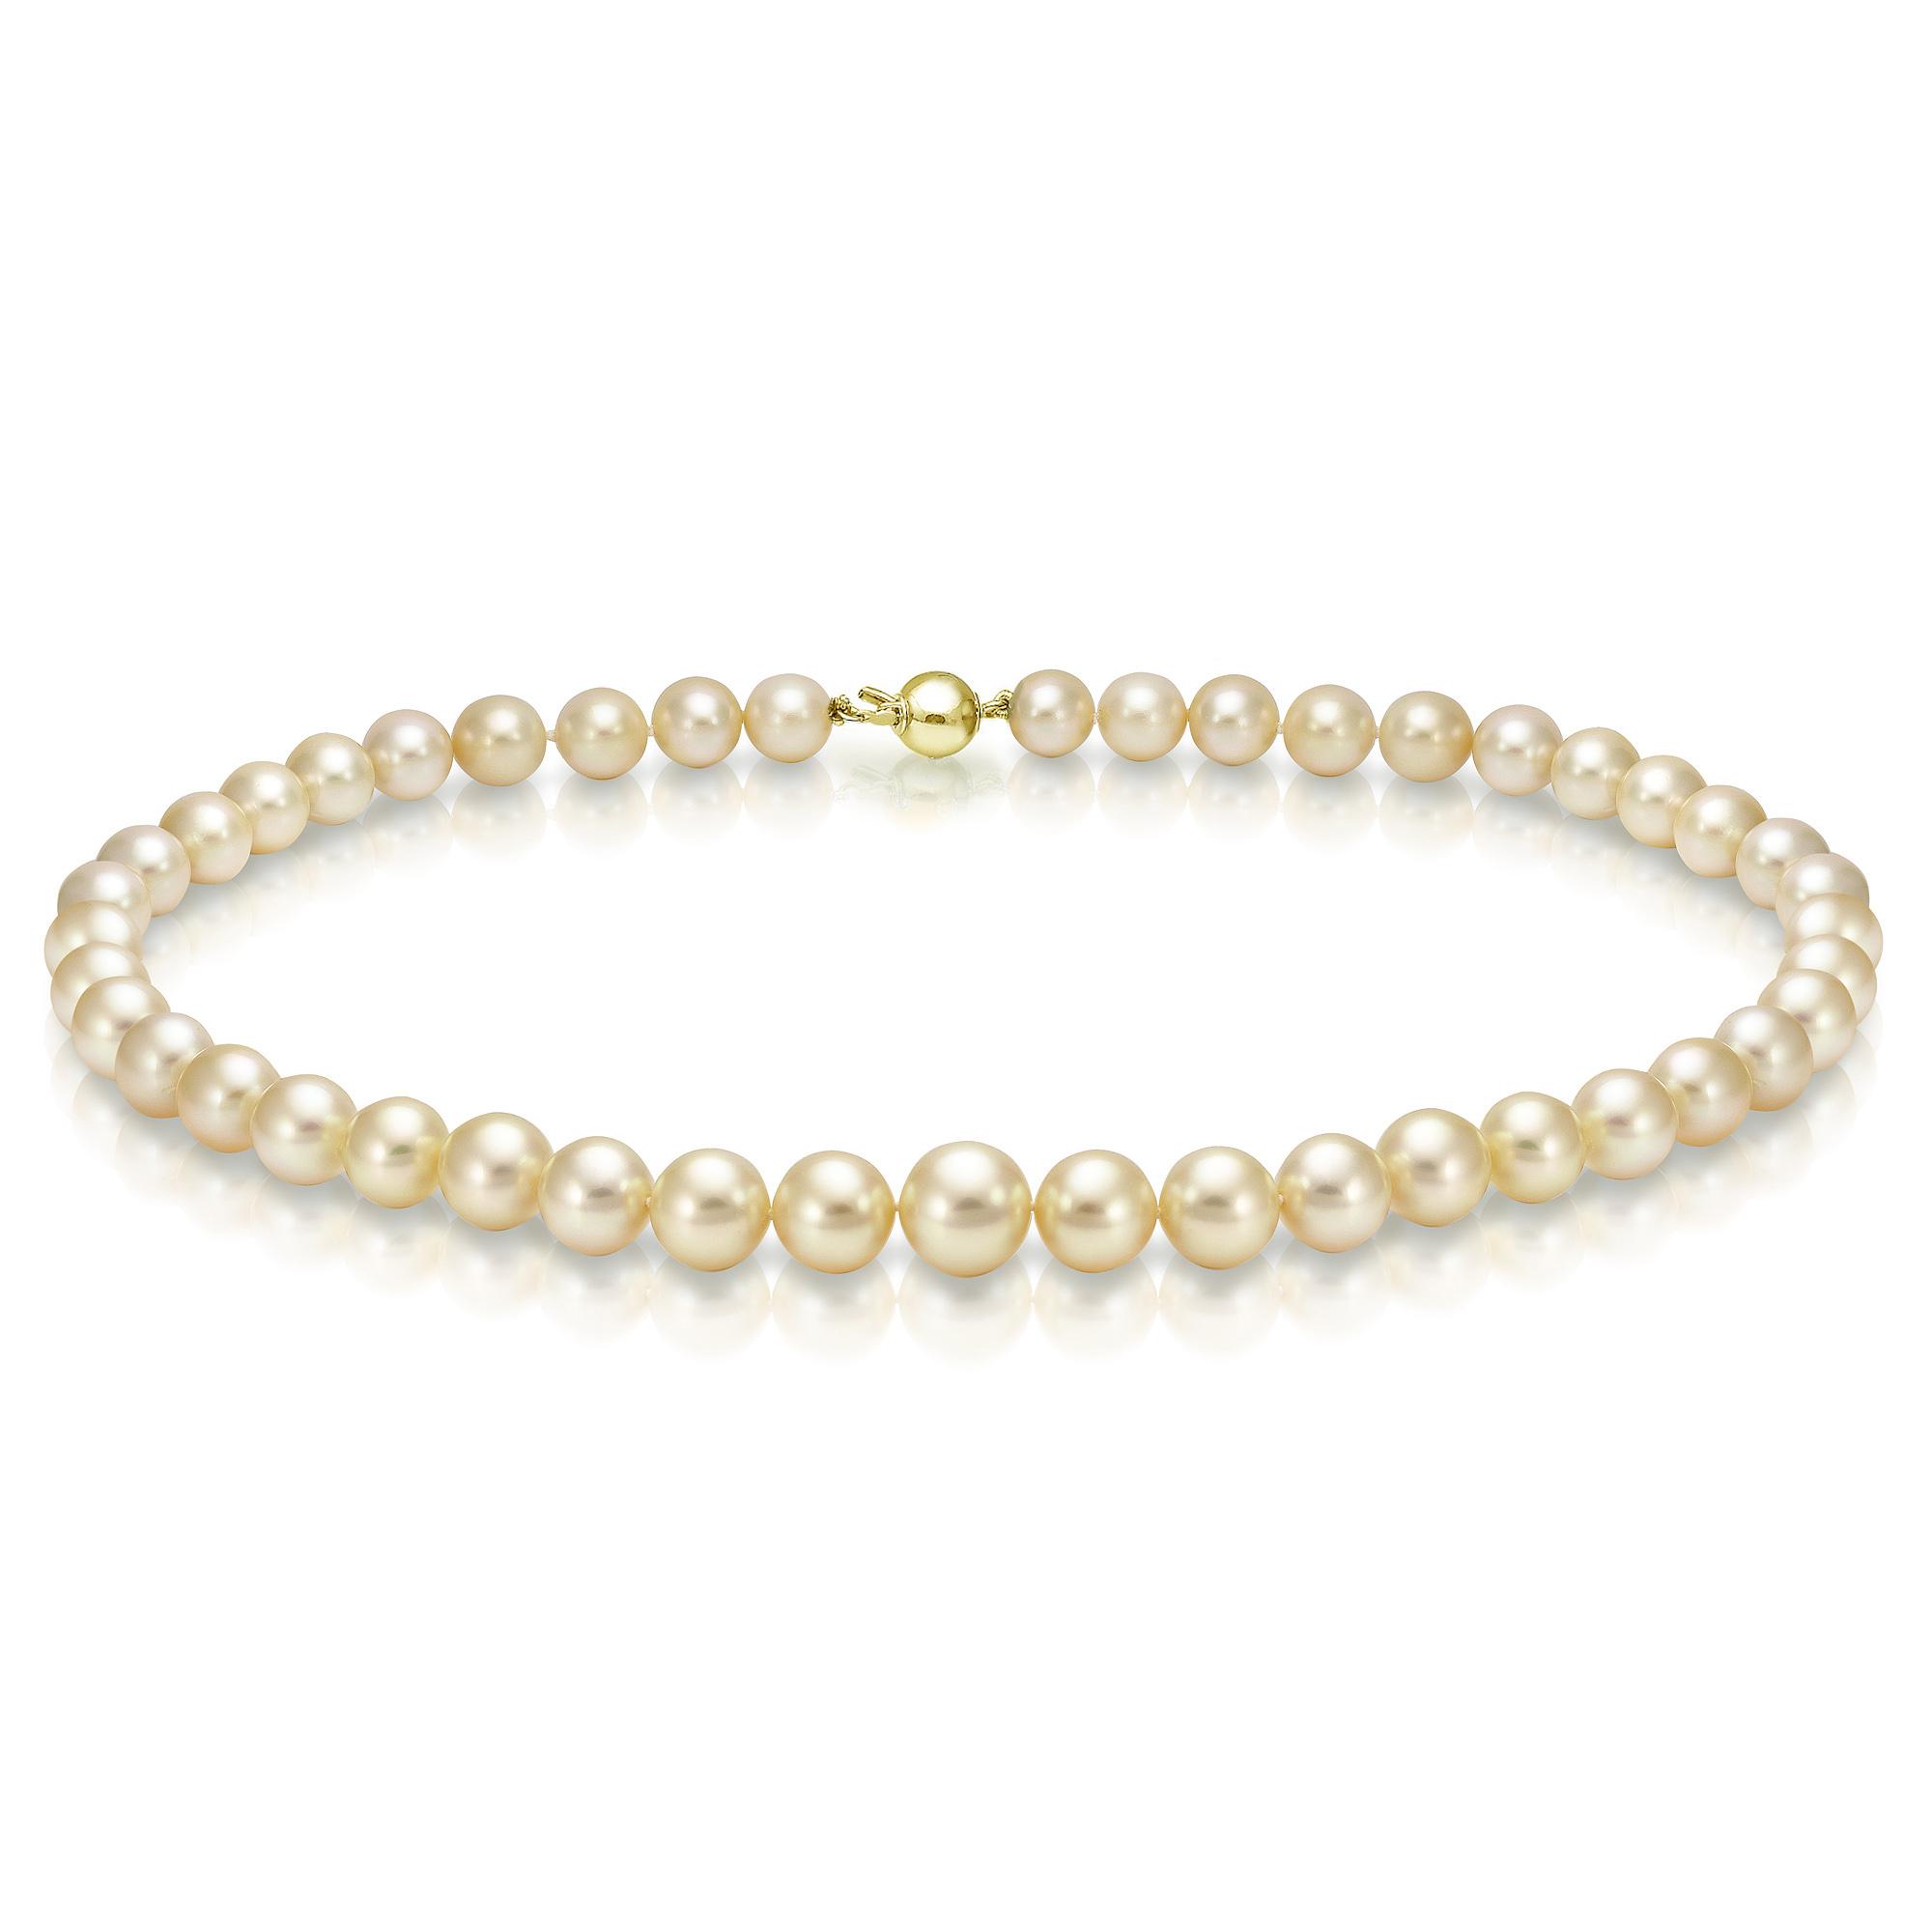 Ожерелье из золотого морского Австралийского жемчуга 10-11,6 мм